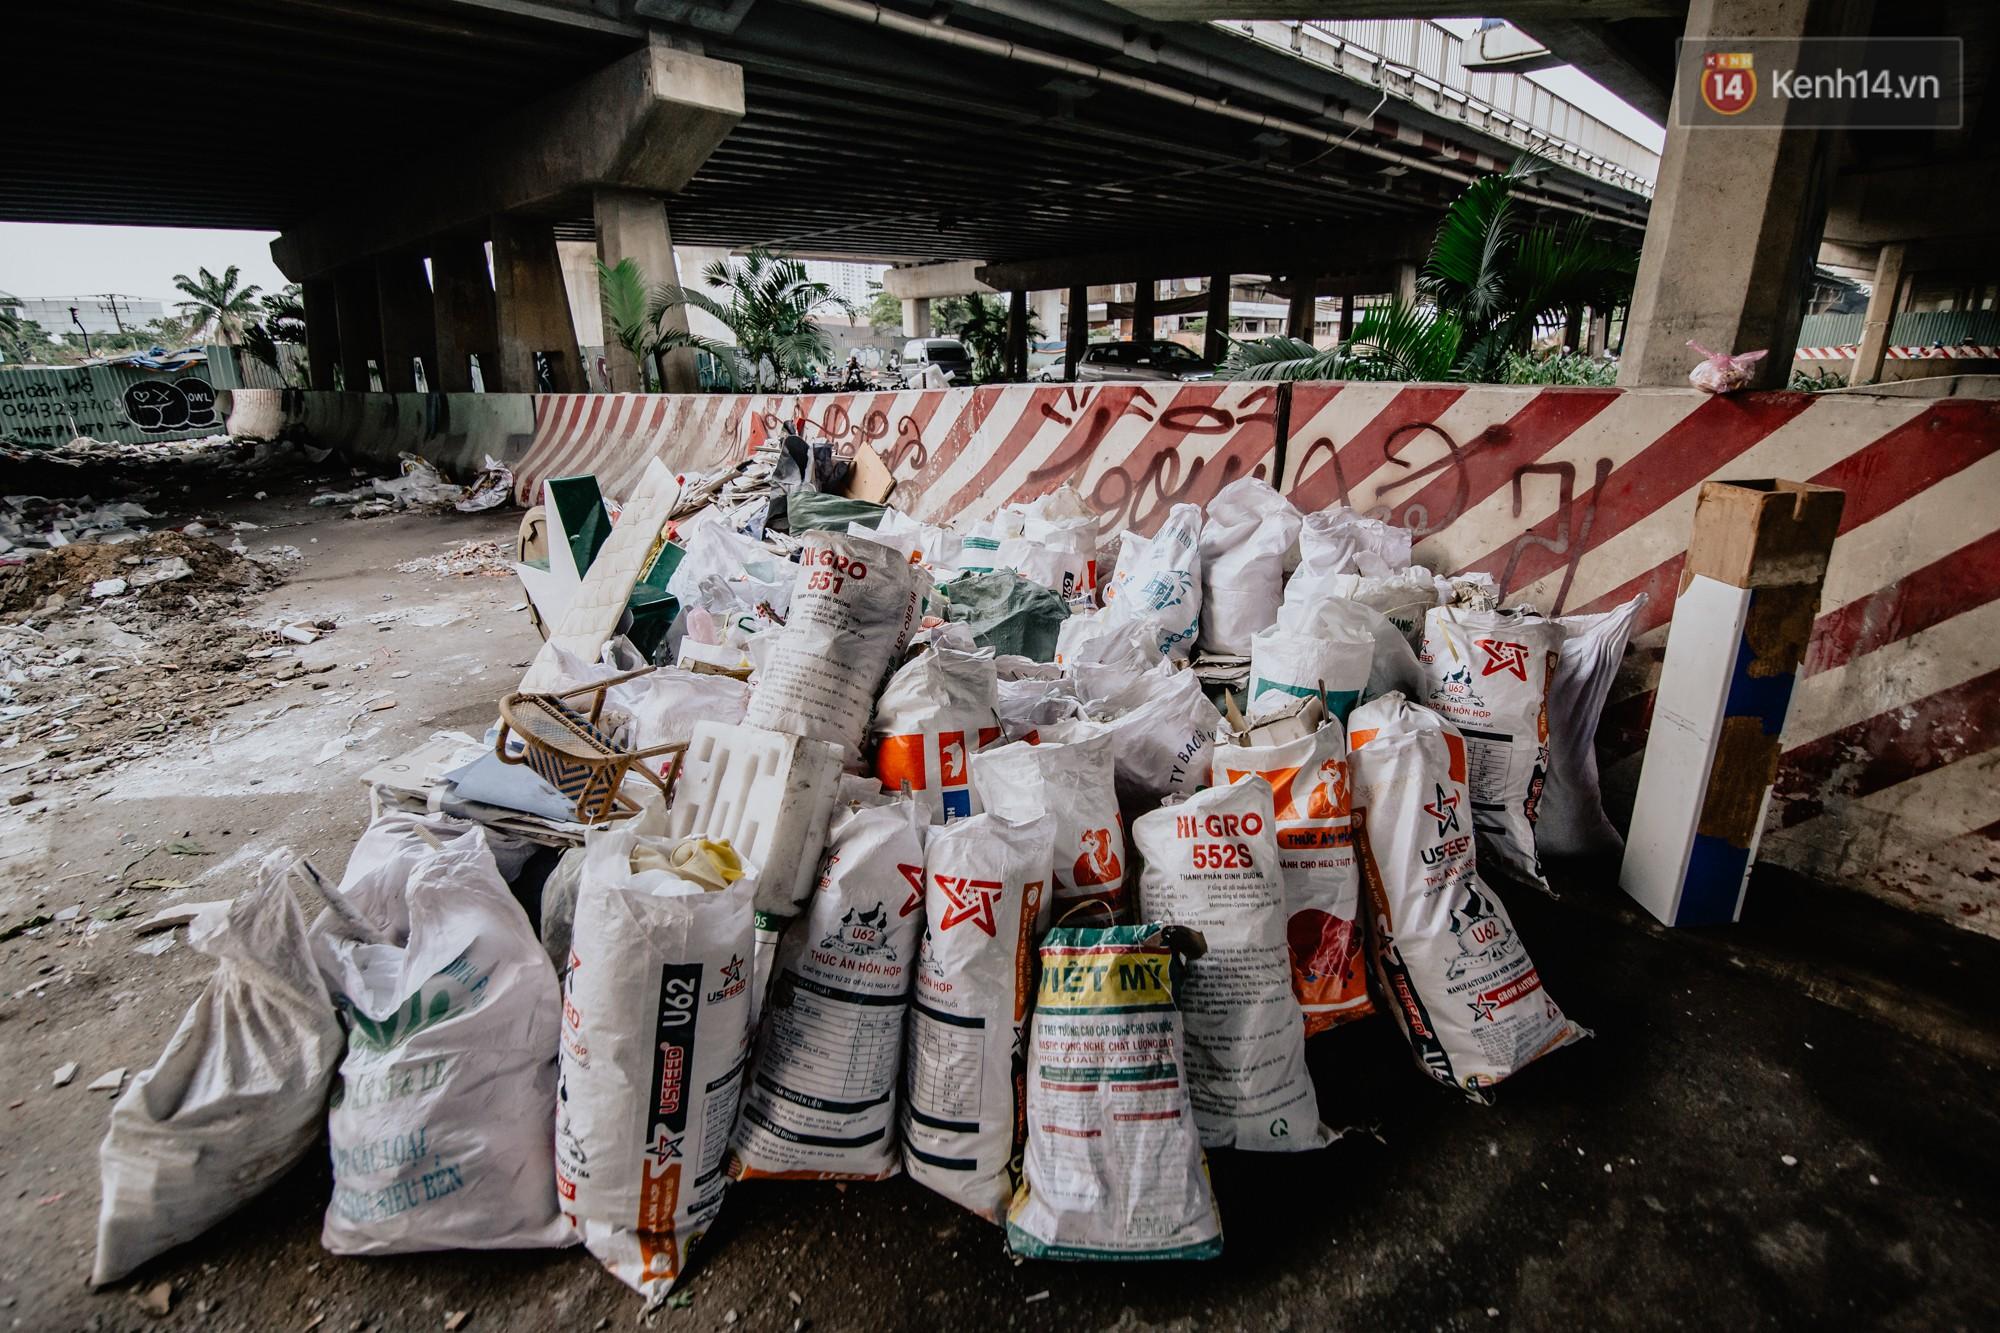 """Hoa hậu Phương Khánh, Han Sara và nhóm Uni5 nhiệt tình thực hiện """"Thử thách dọn rác"""", làm sạch rác dưới chân cầu Sài Gòn - Ảnh 9."""